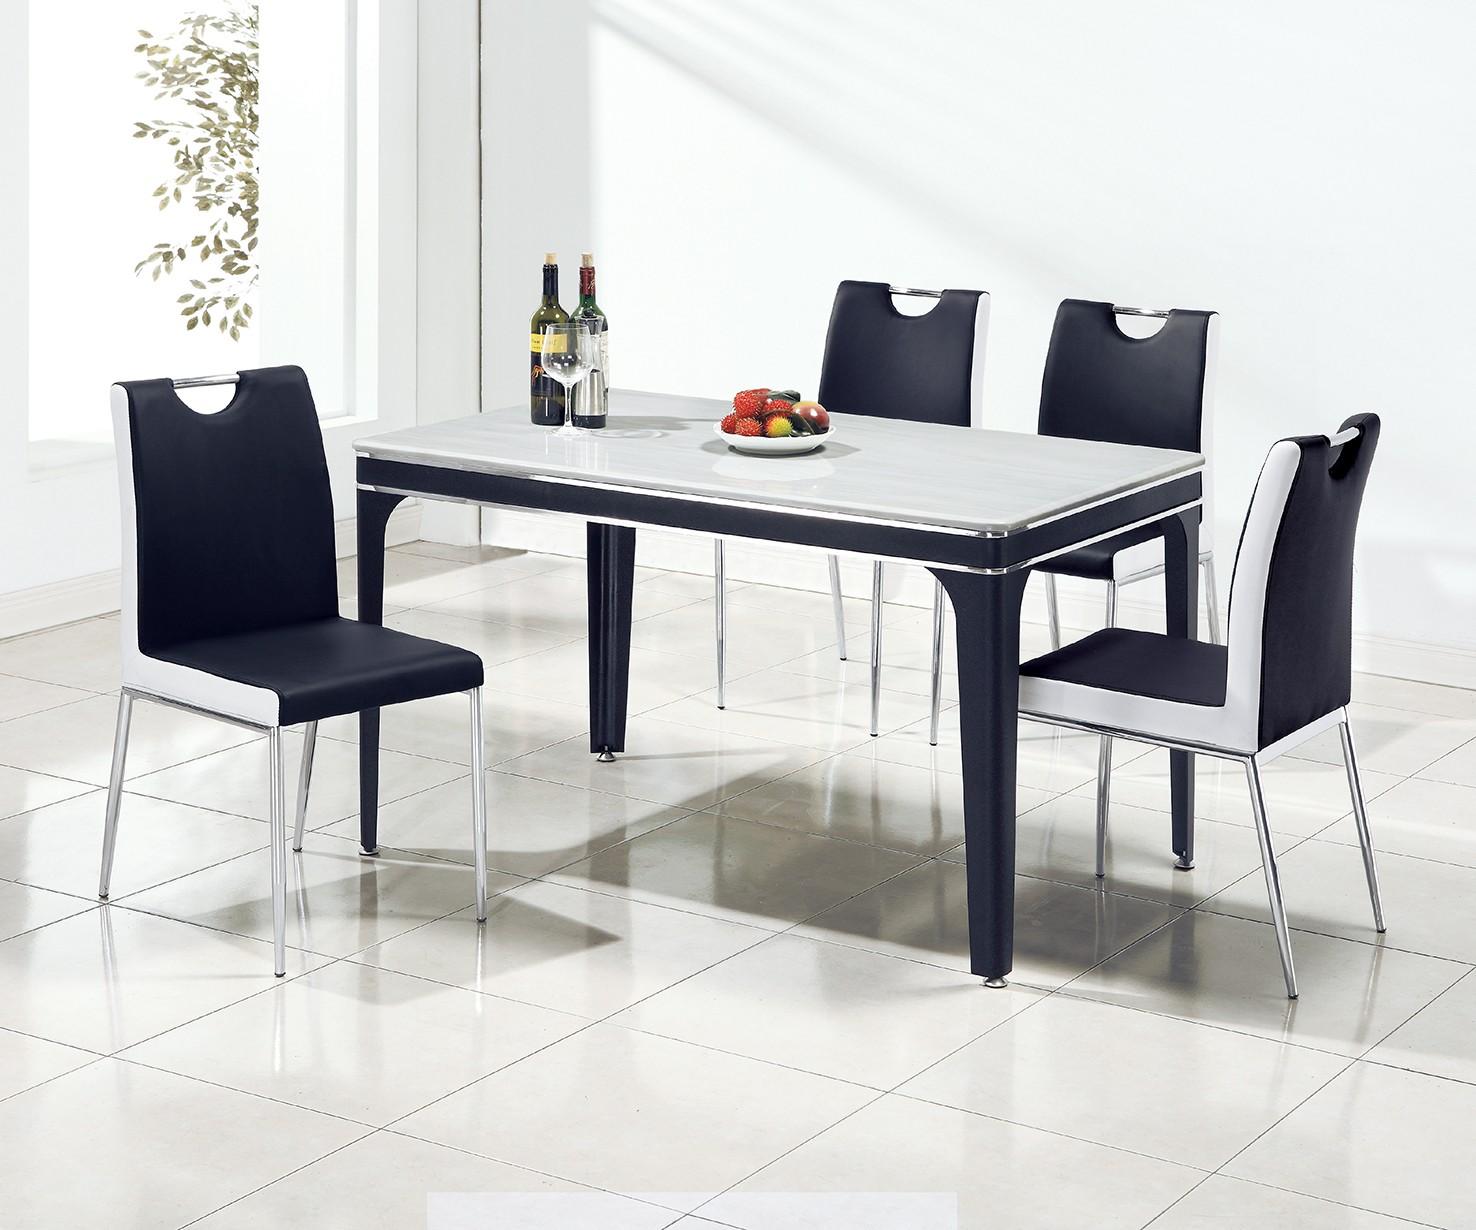 (A85)4.3尺人造石餐桌椅(1桌4椅)